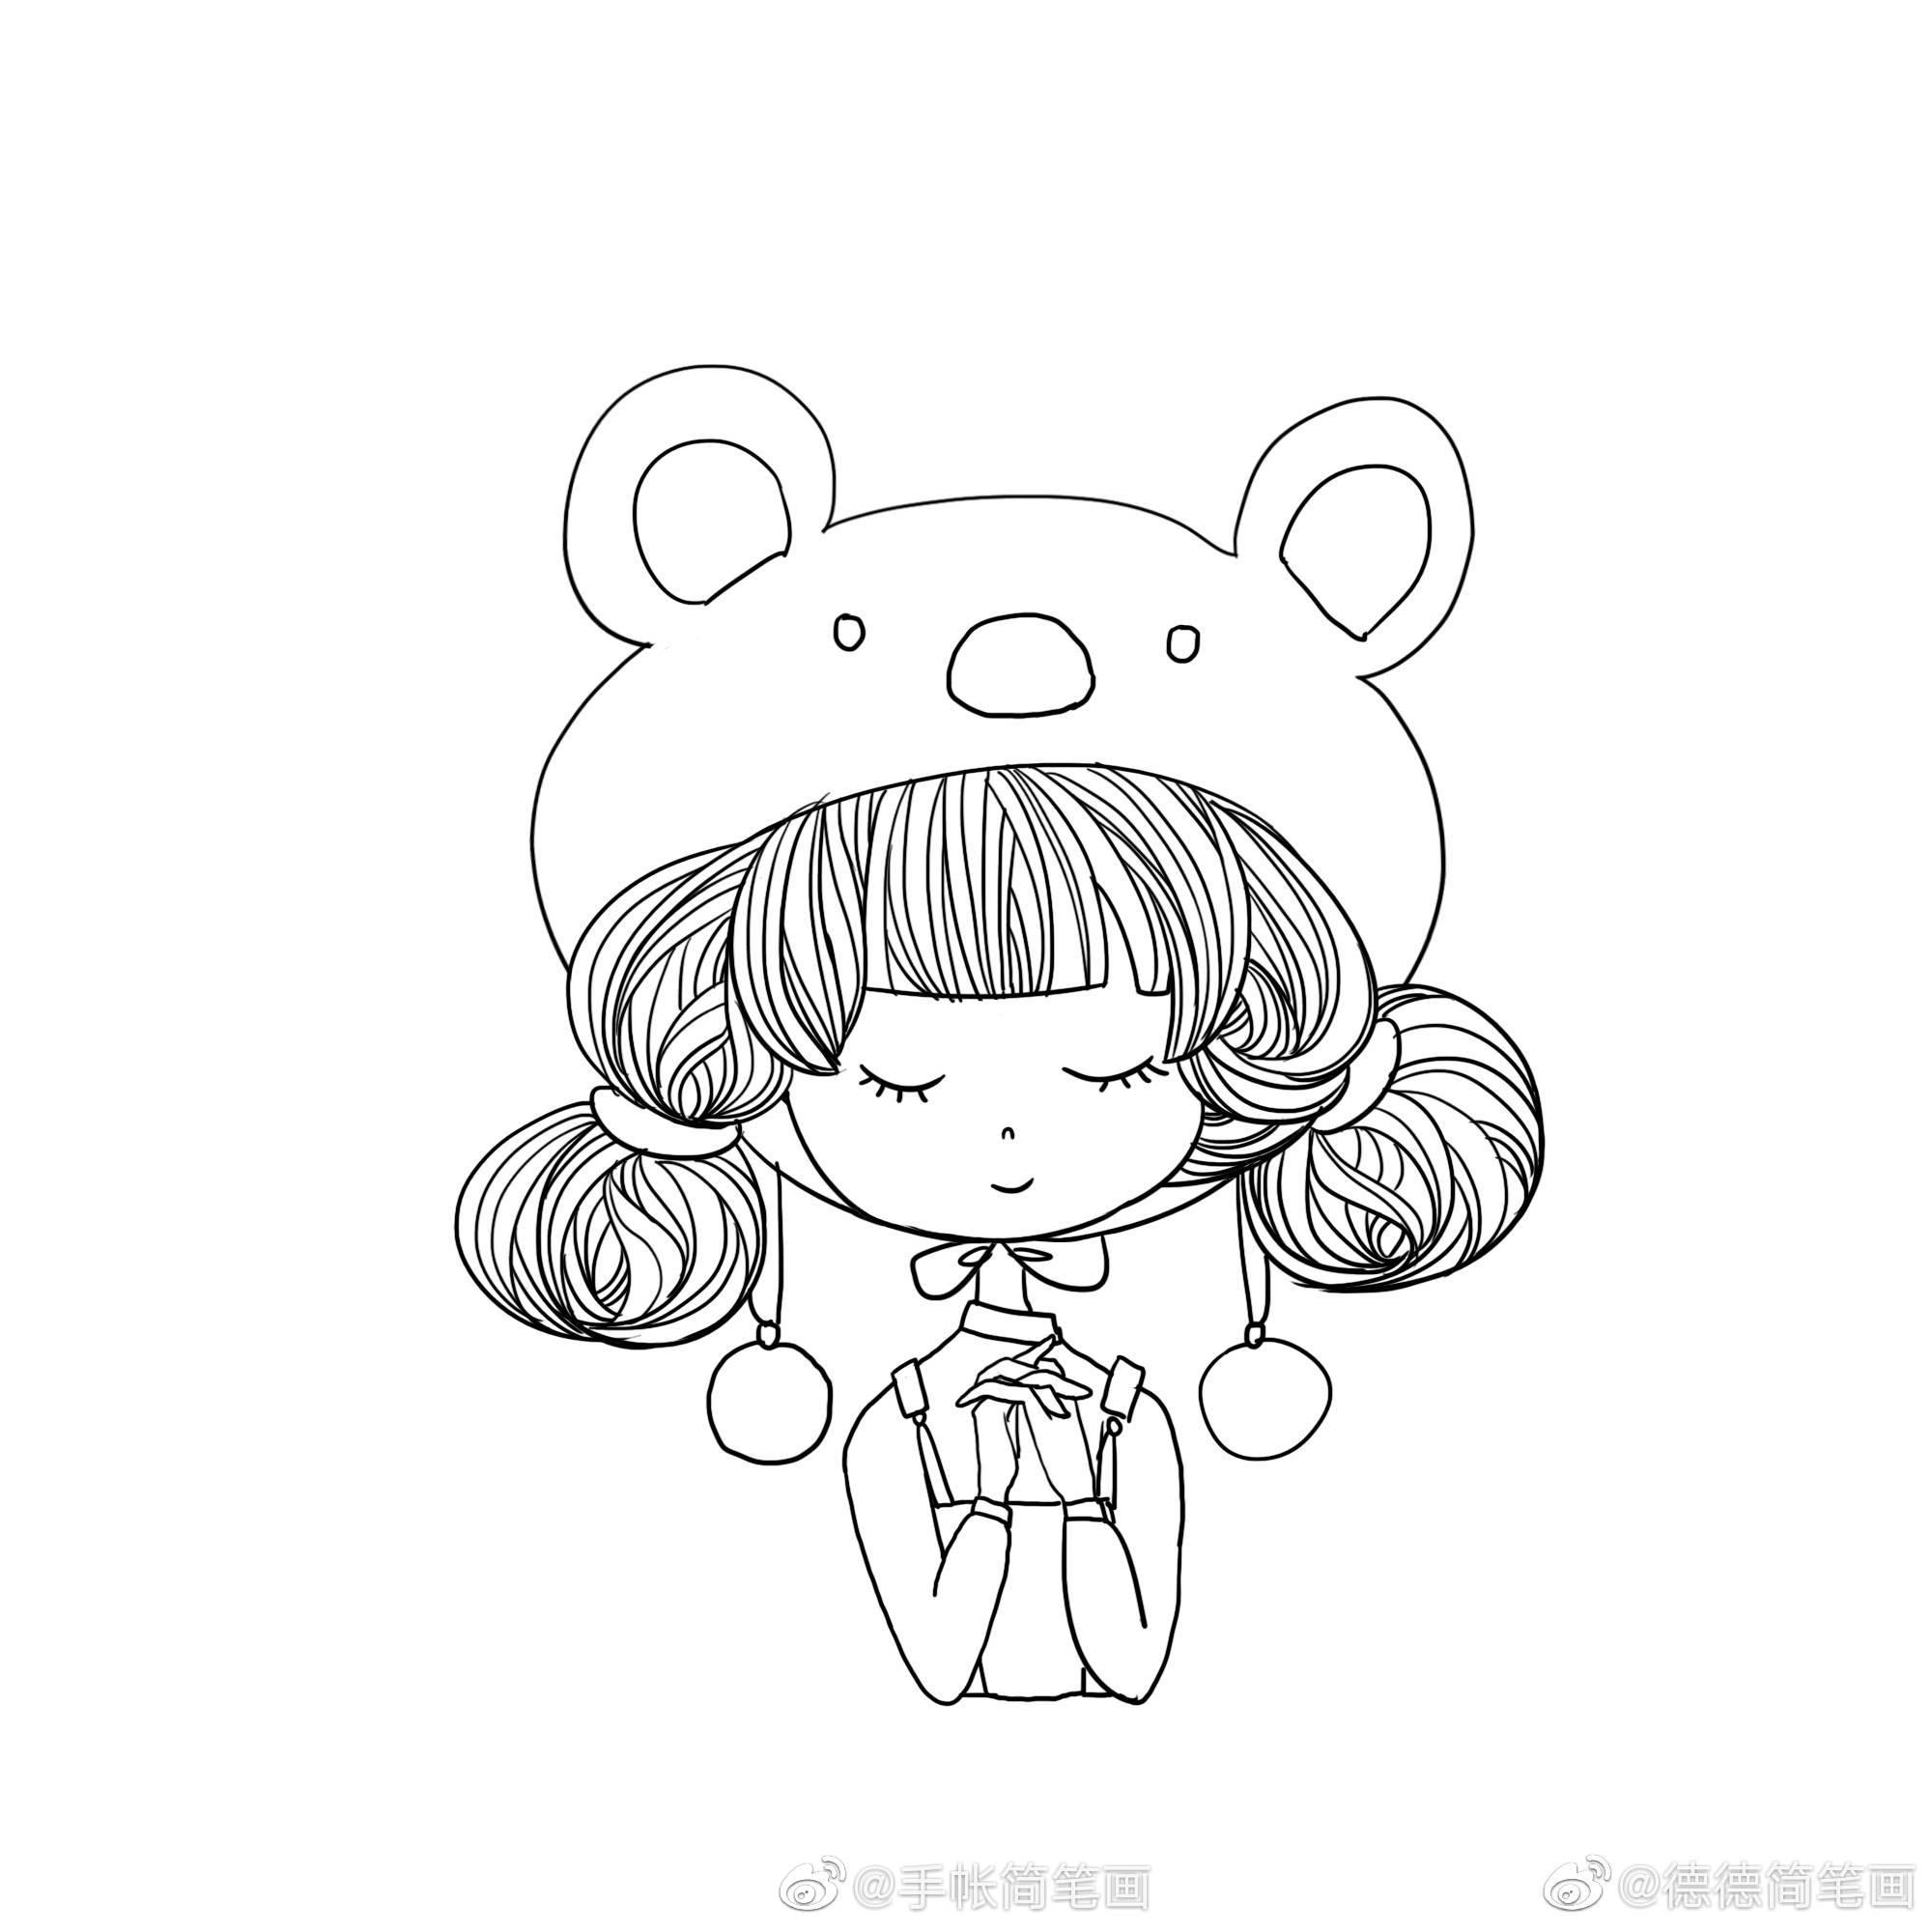 可爱小女孩简笔画教程作者@德德简笔画